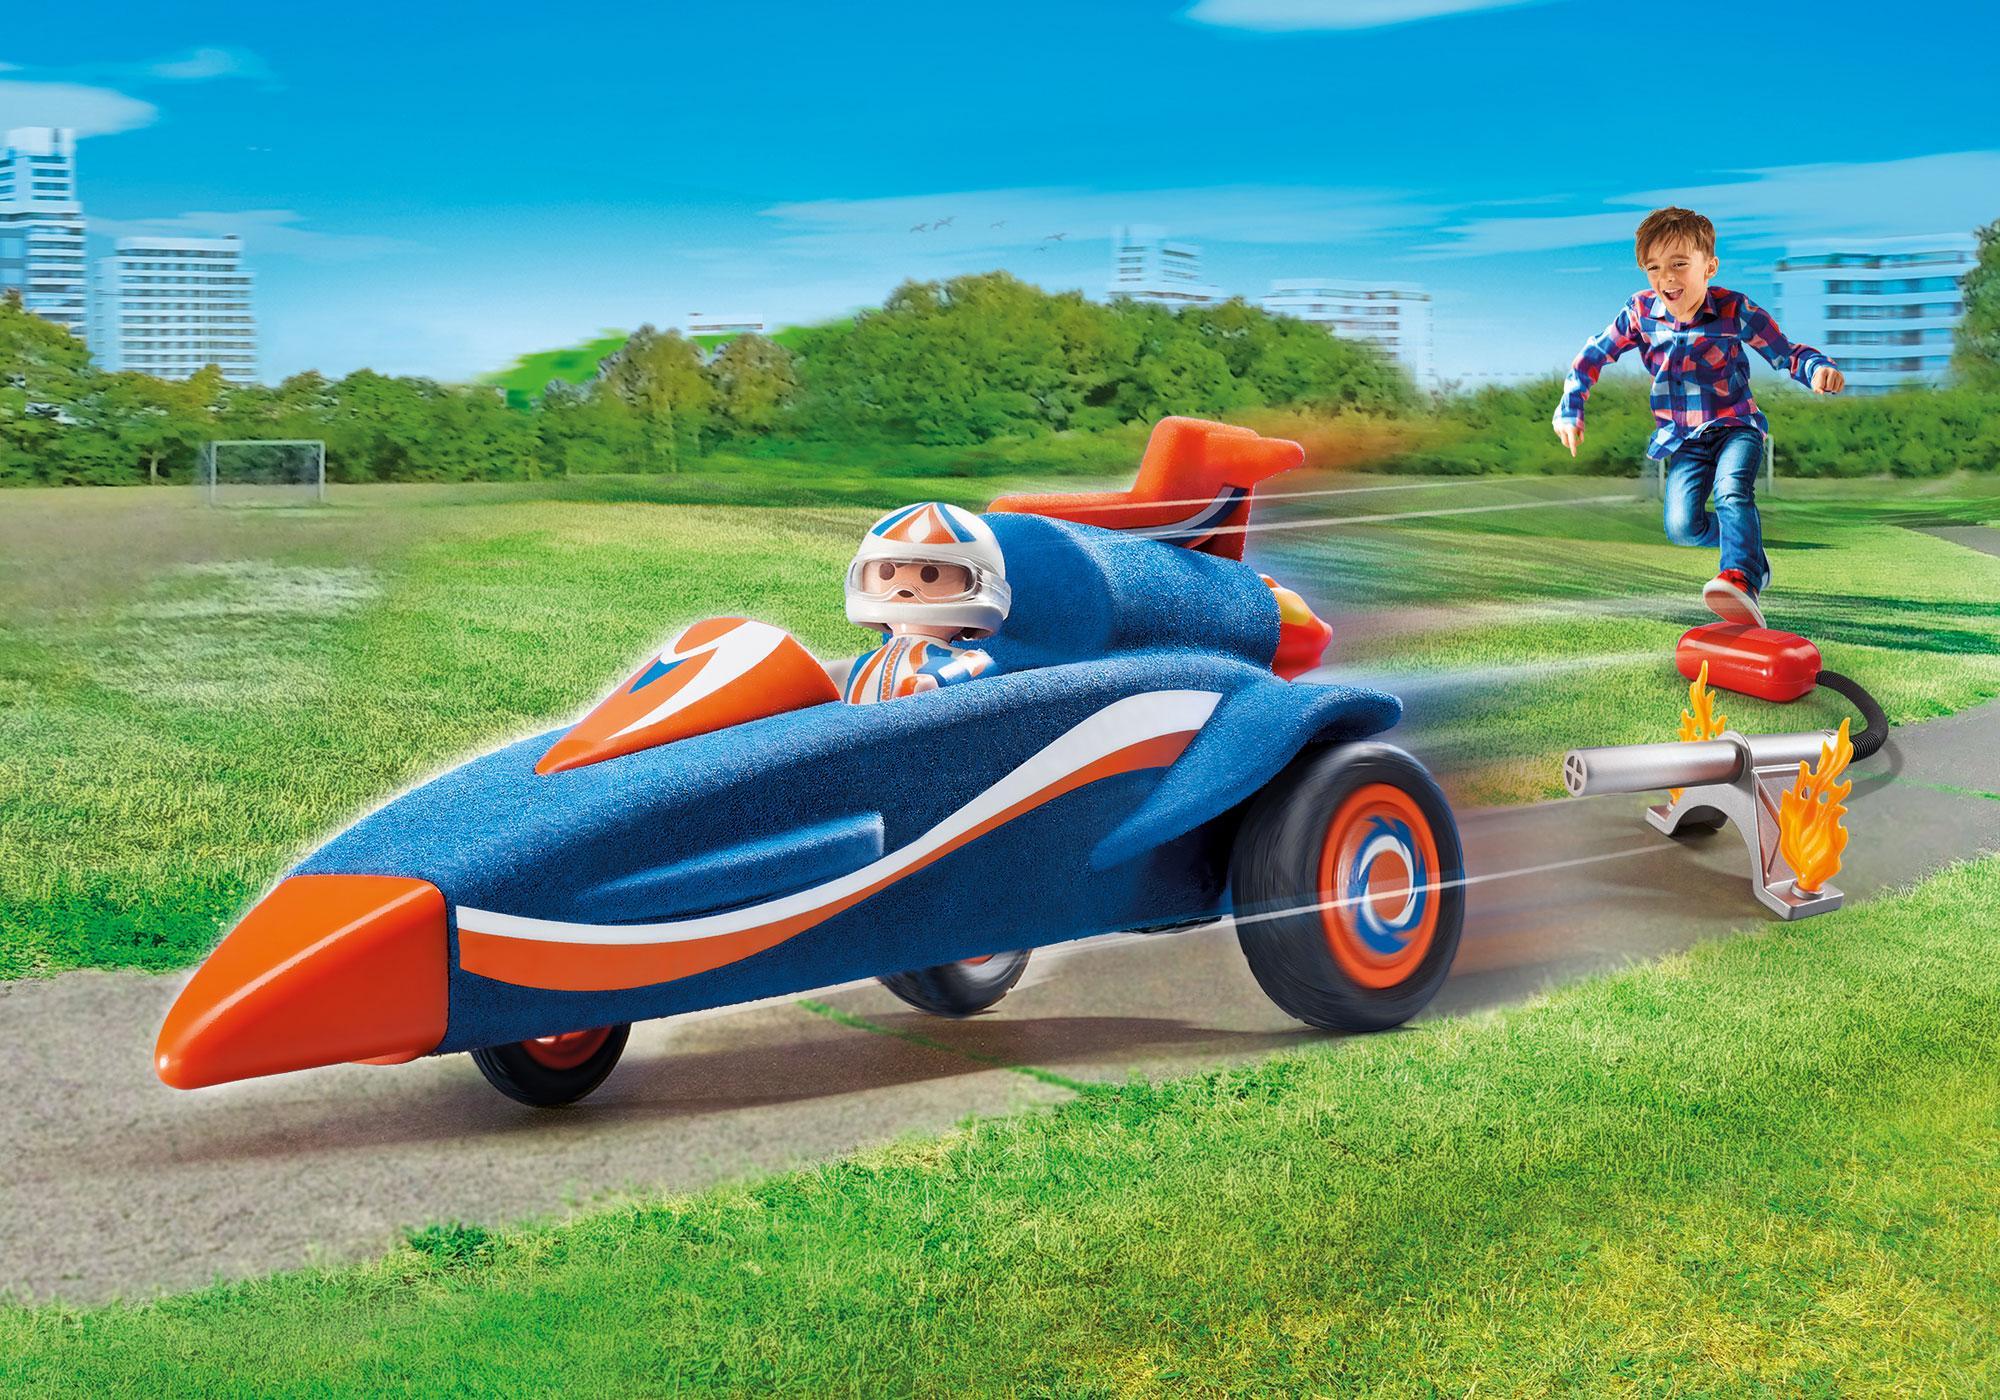 http://media.playmobil.com/i/playmobil/9375_product_detail/Bólide com hélice